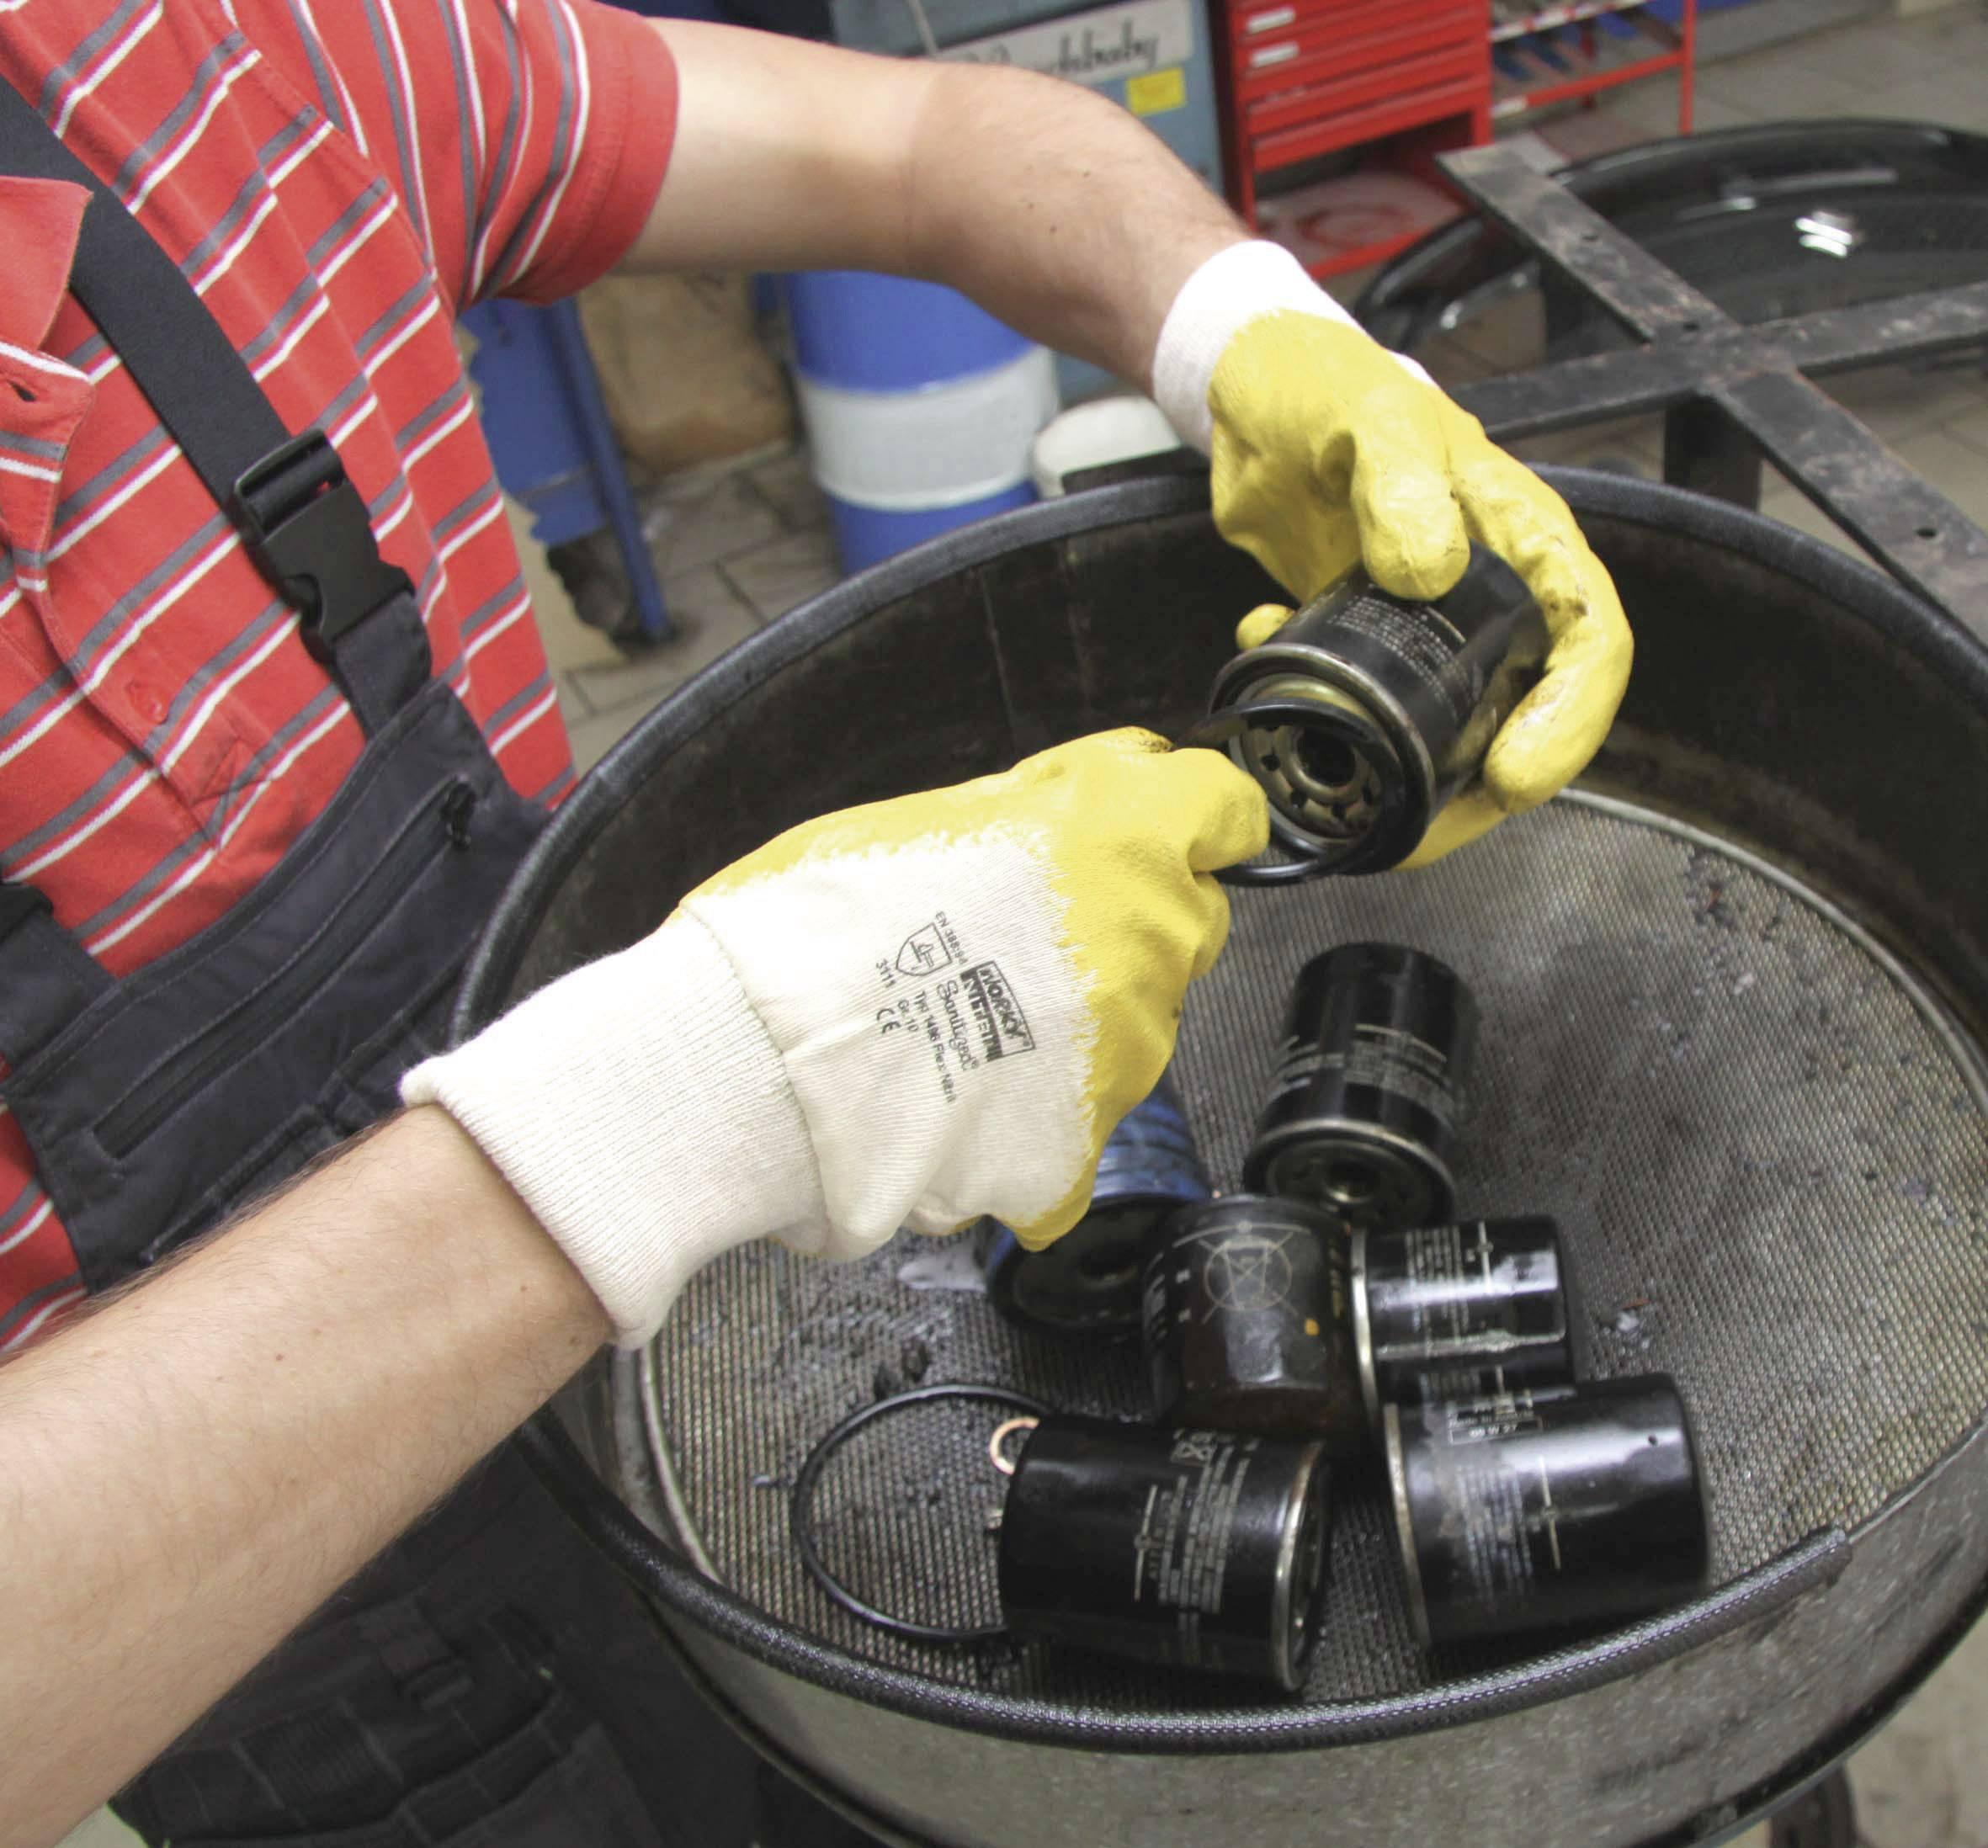 Pracovné rukavice worky Flex Nitril 1496, velikost rukavic: 10, XL